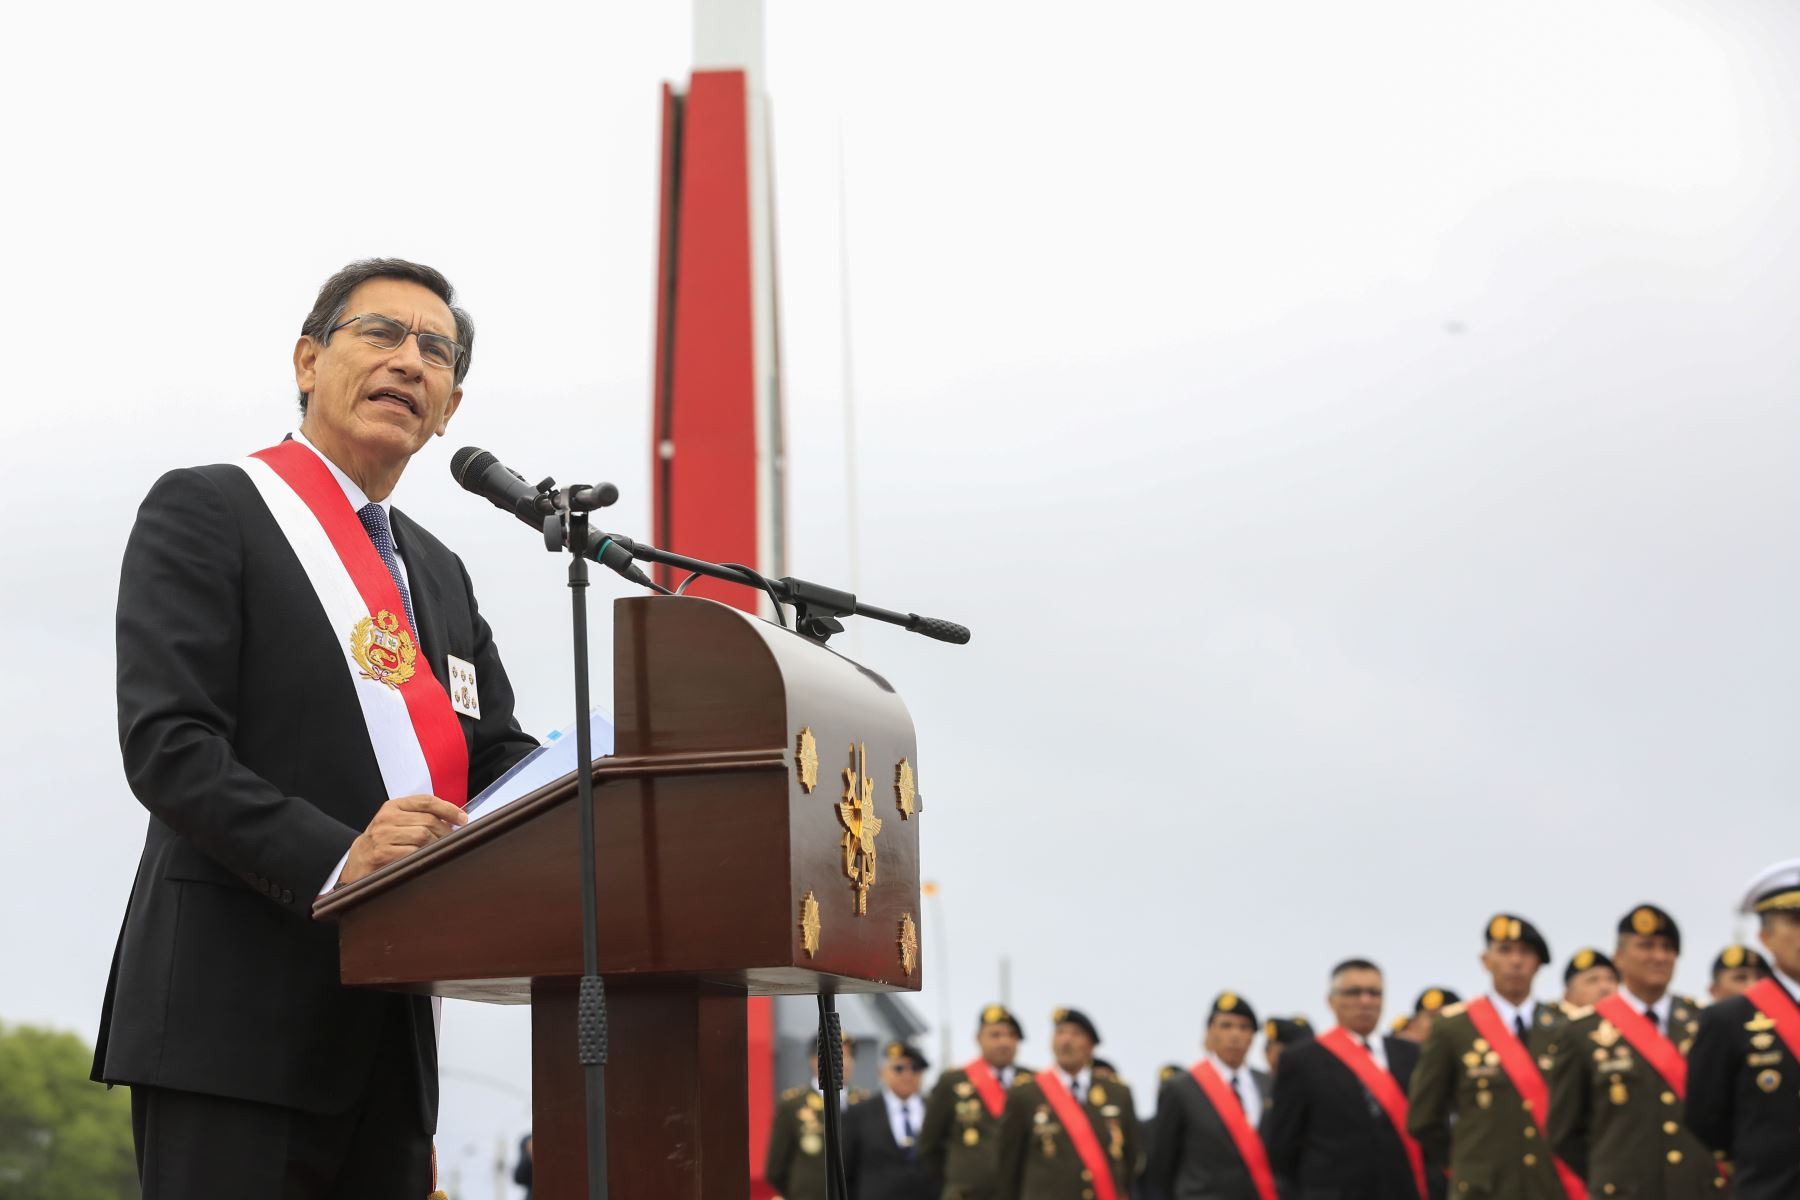 El presidente Martin Vizcarra participa en la ceremonia por el Día de las Fuerzas Armadas.Foto: ANDINA/Prensa Presidencia